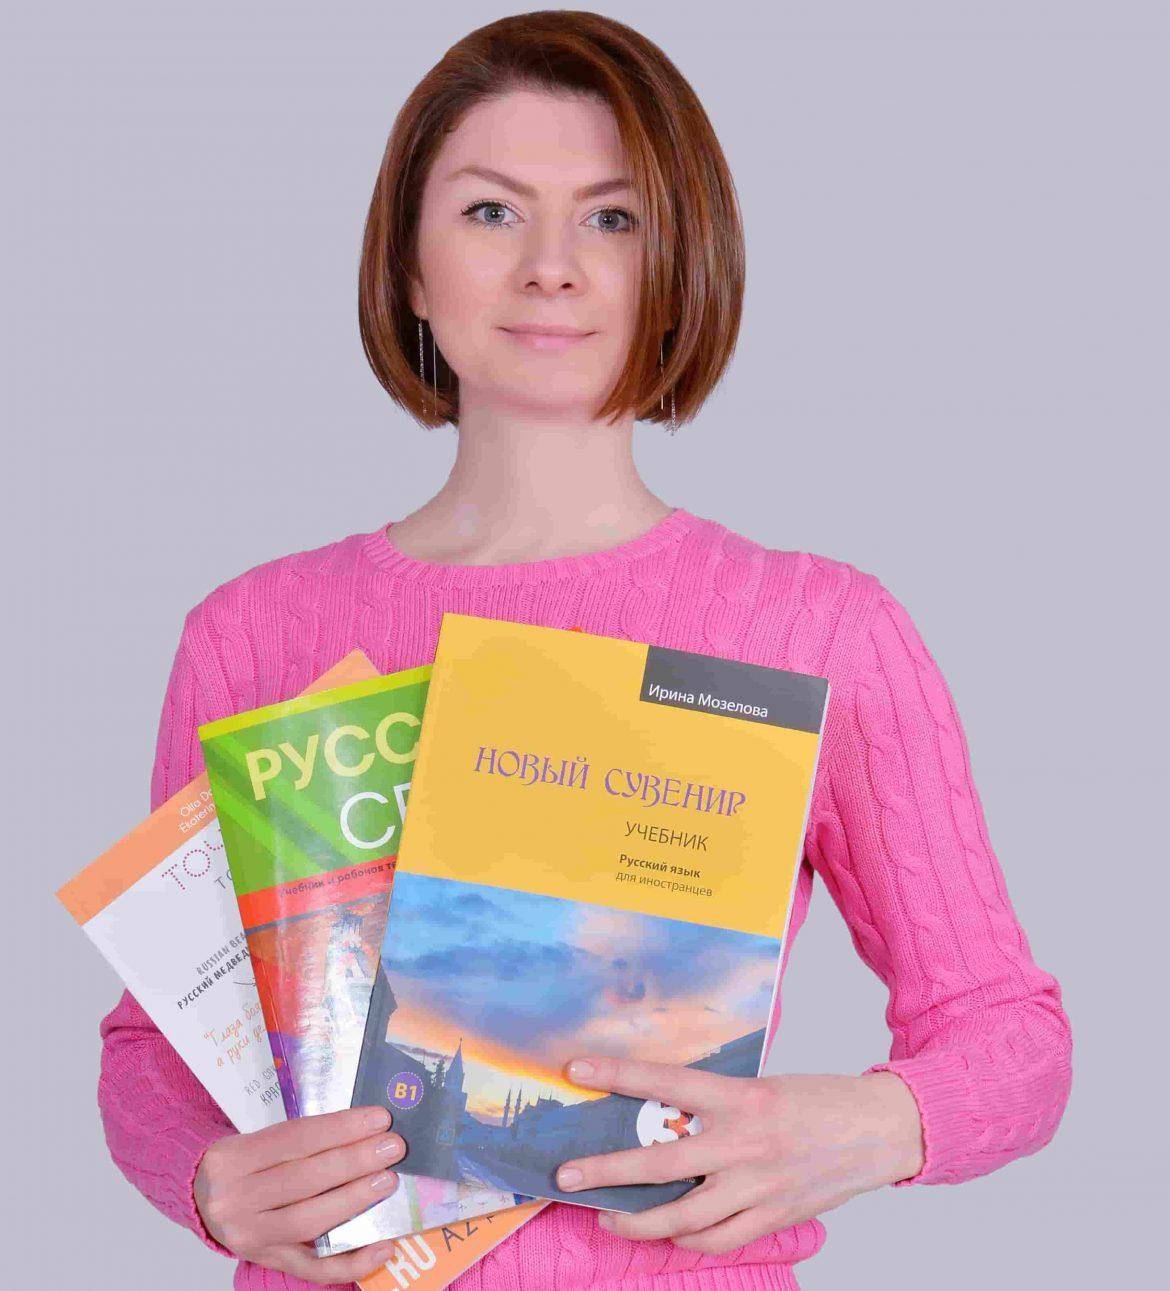 Rusça kitapları